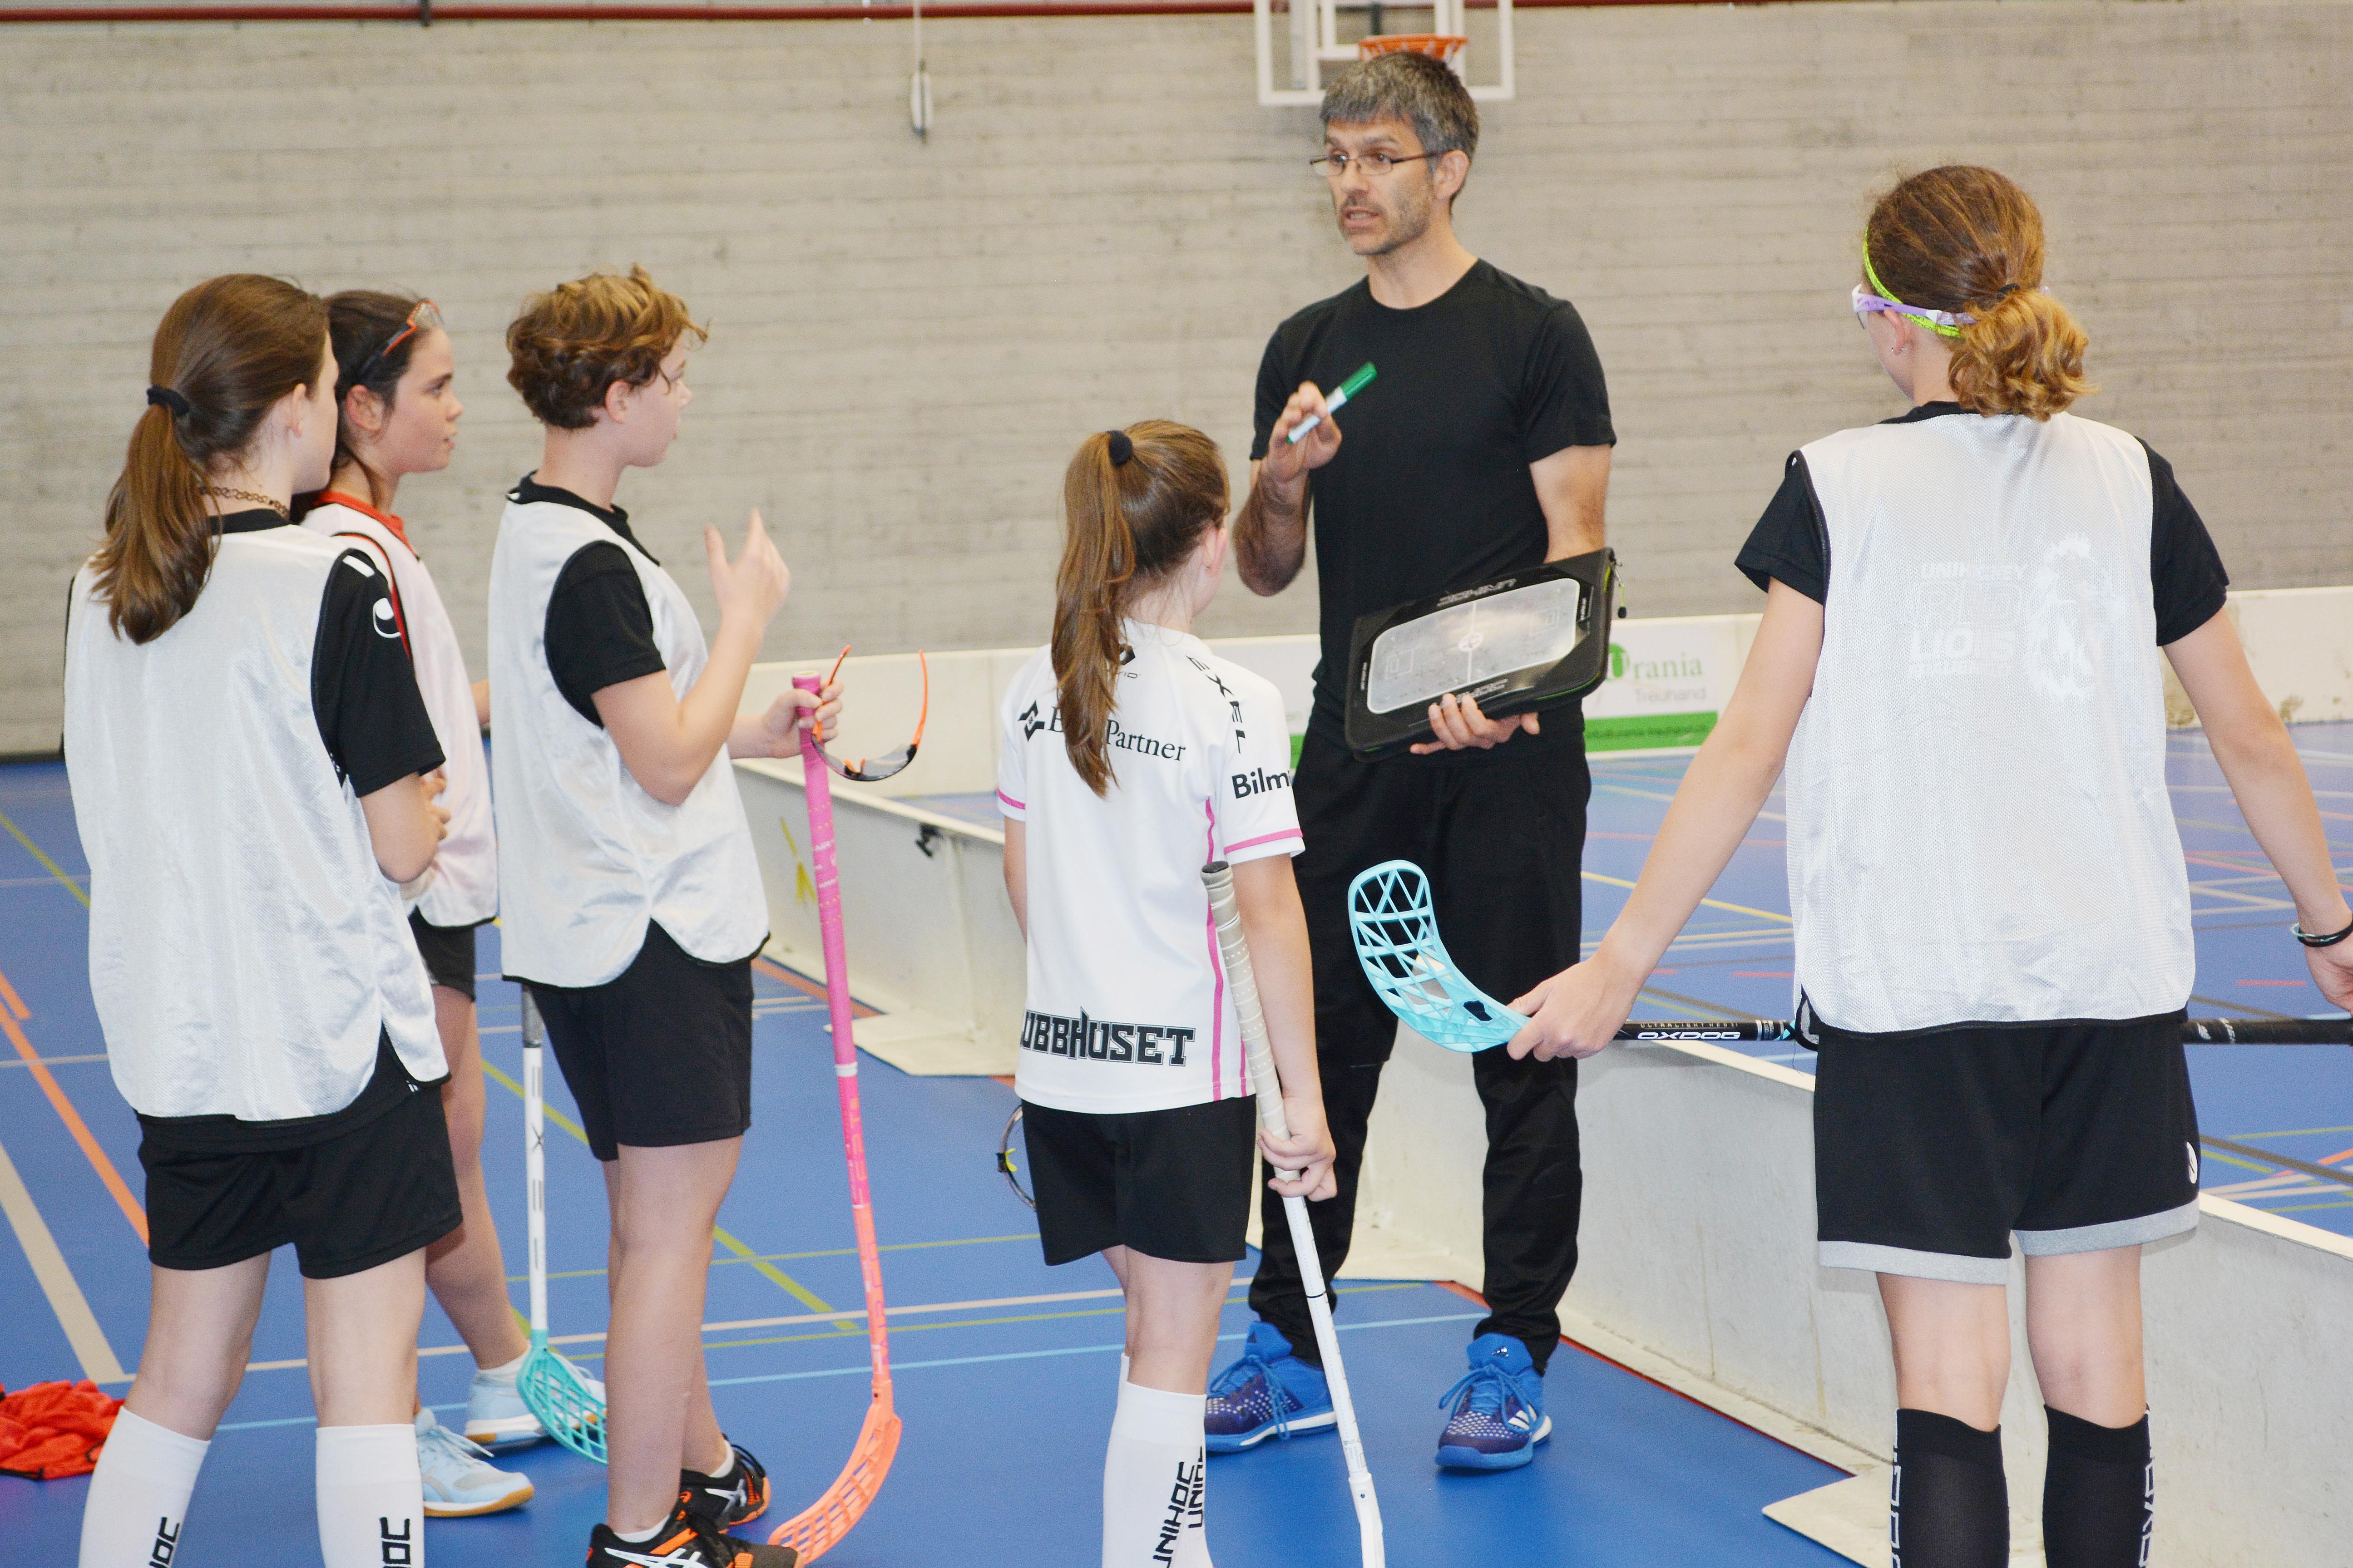 Das Trainer-Team setzen auf Ausbildung, Armin erklärt taktische Spielzüge (Archivbild).